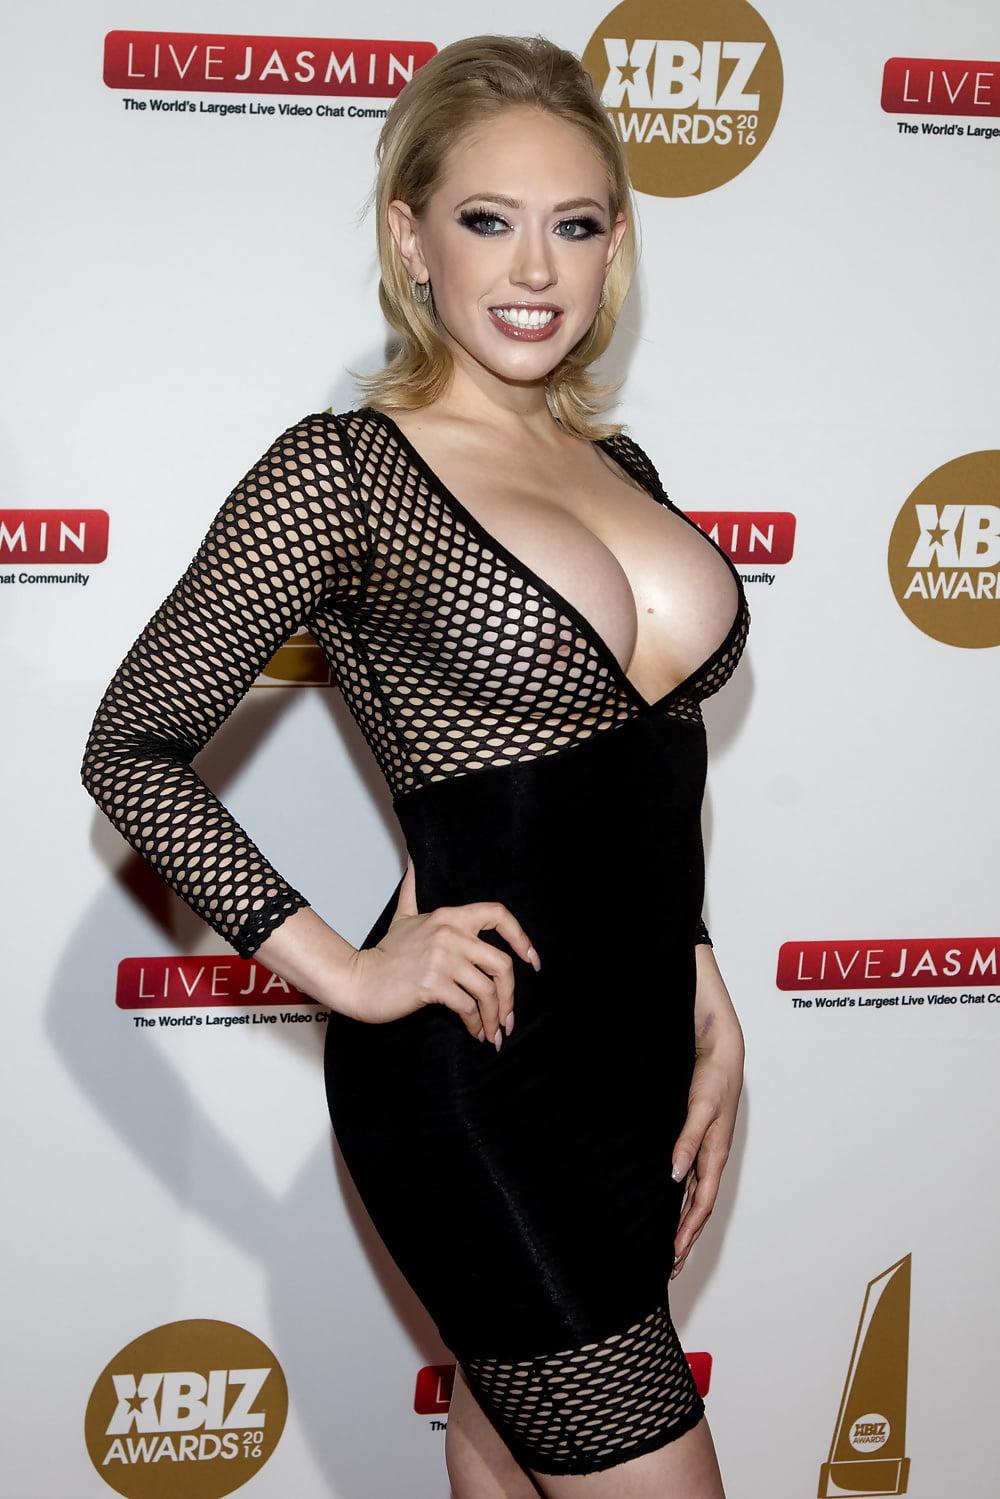 Kagney Linn-karter  - Kagney Linn 1 big blonde pornstar xhamster @q=kagney+linn+karter